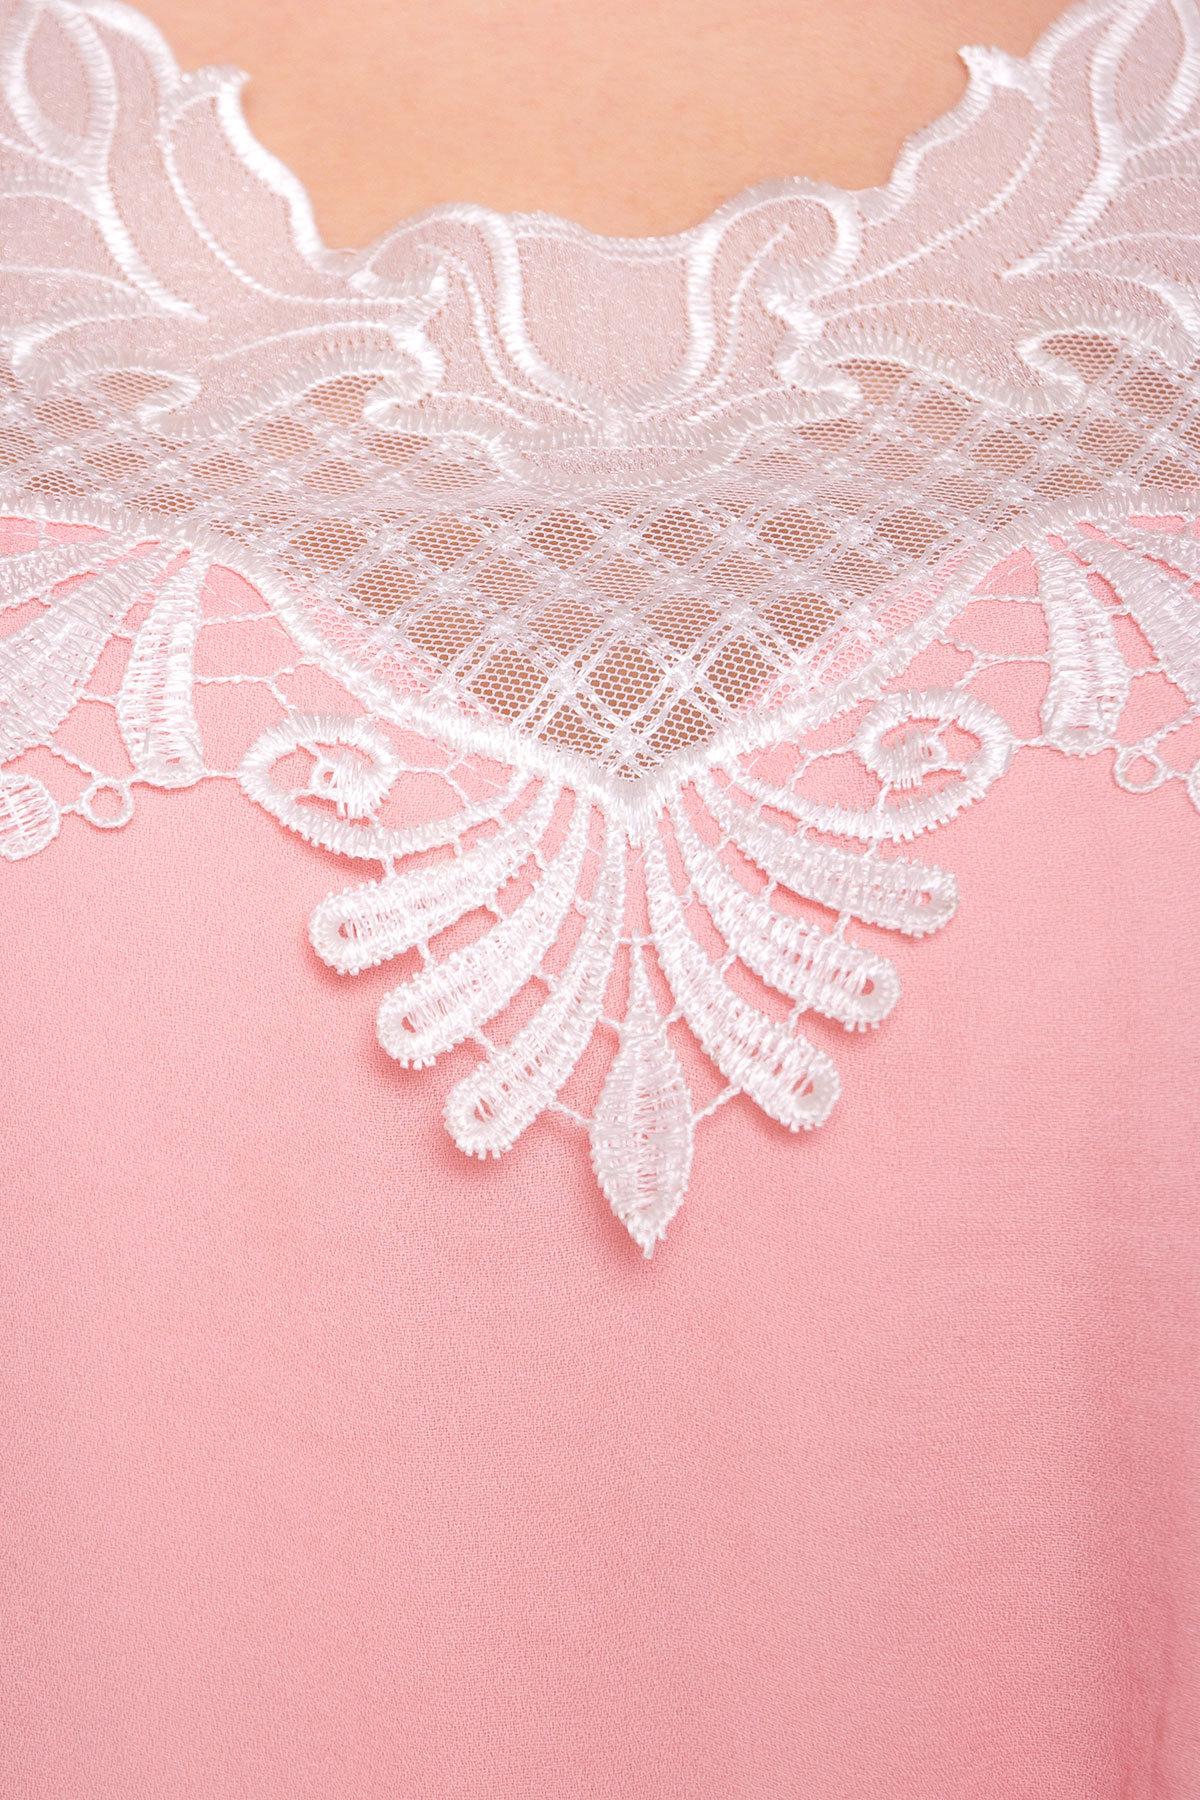 Платье Альбина 3110 Цвет: Розовый Темный 1